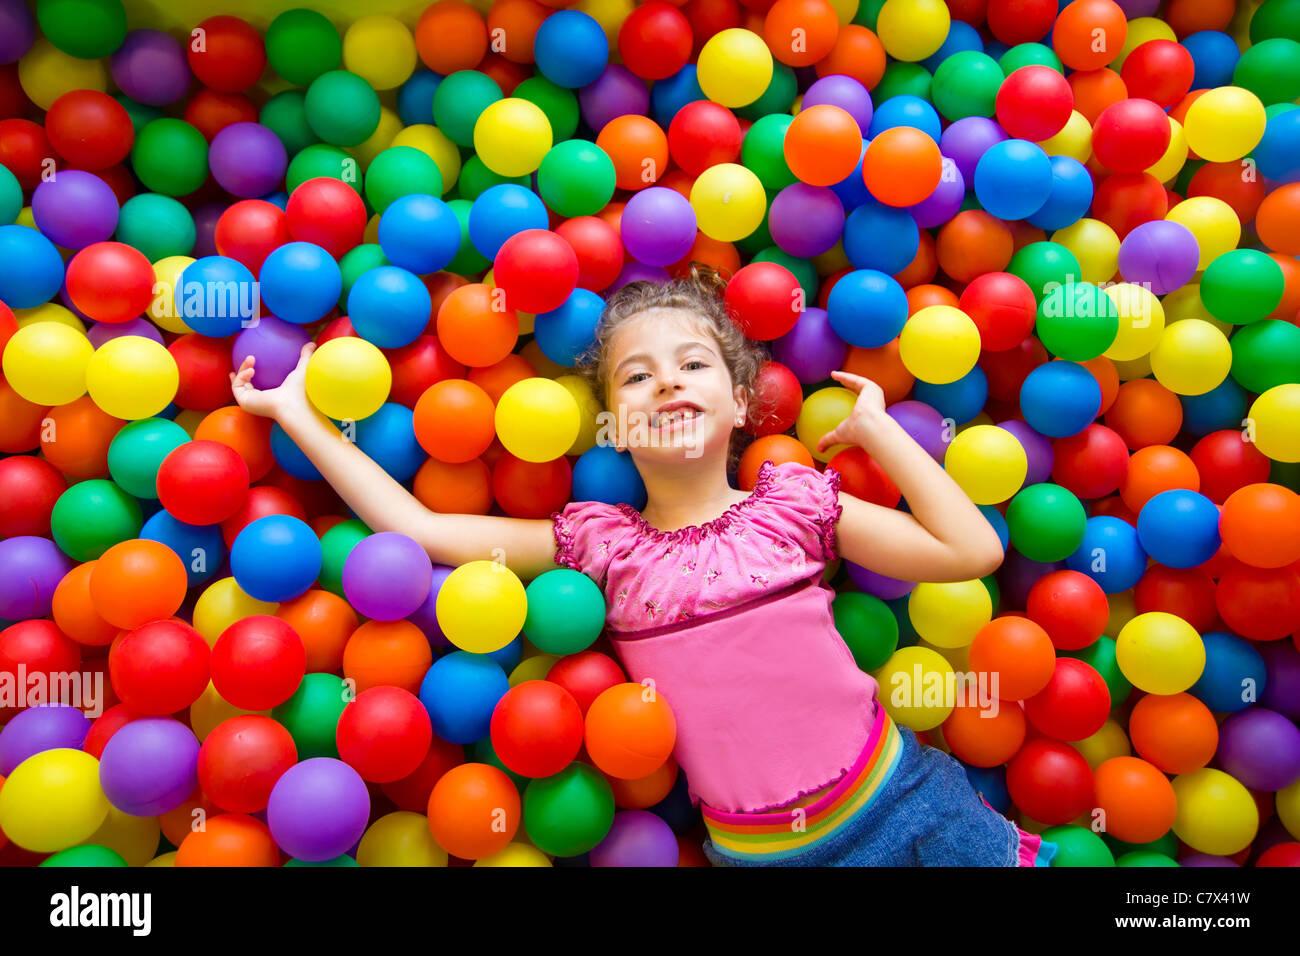 Kind Mädchen spielen auf bunten Kugeln Spielplatz hohe Sicht Stockfoto